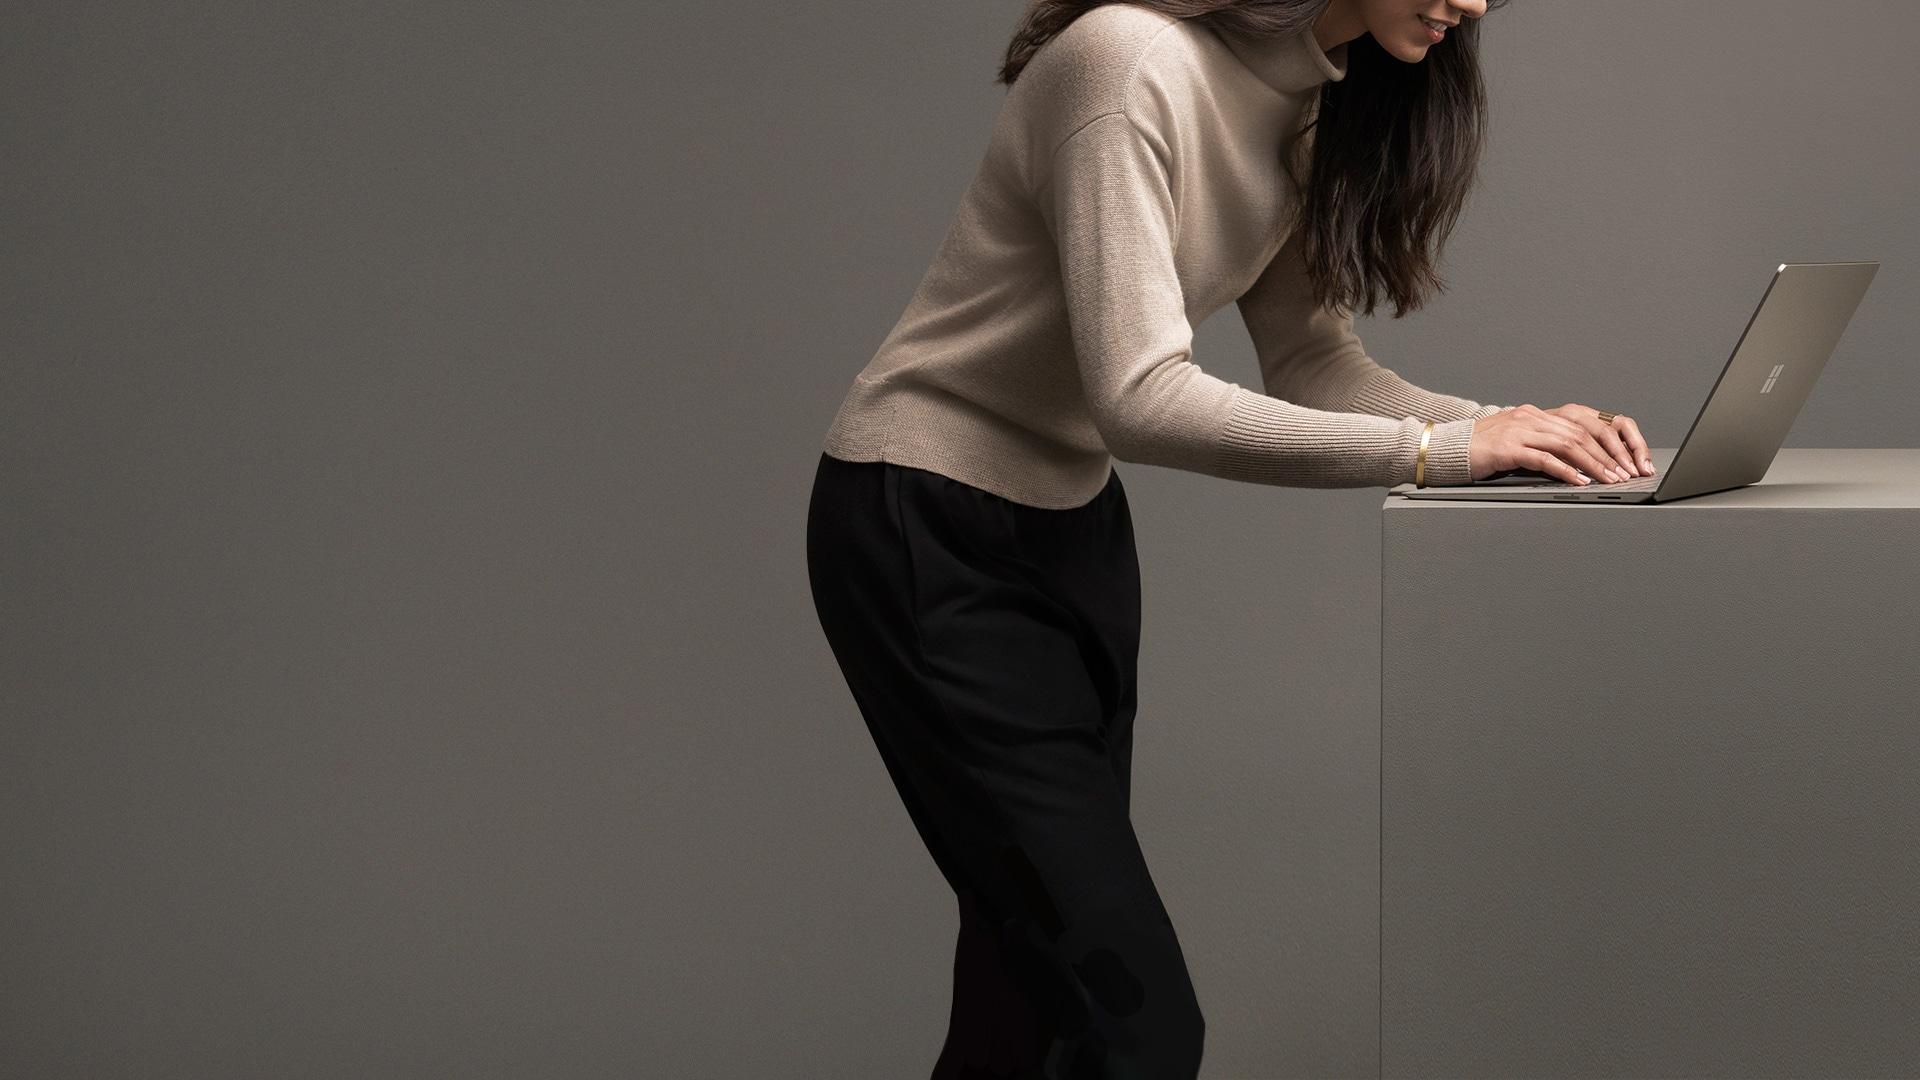 女人在石墨金 Surface Laptop 上打字。